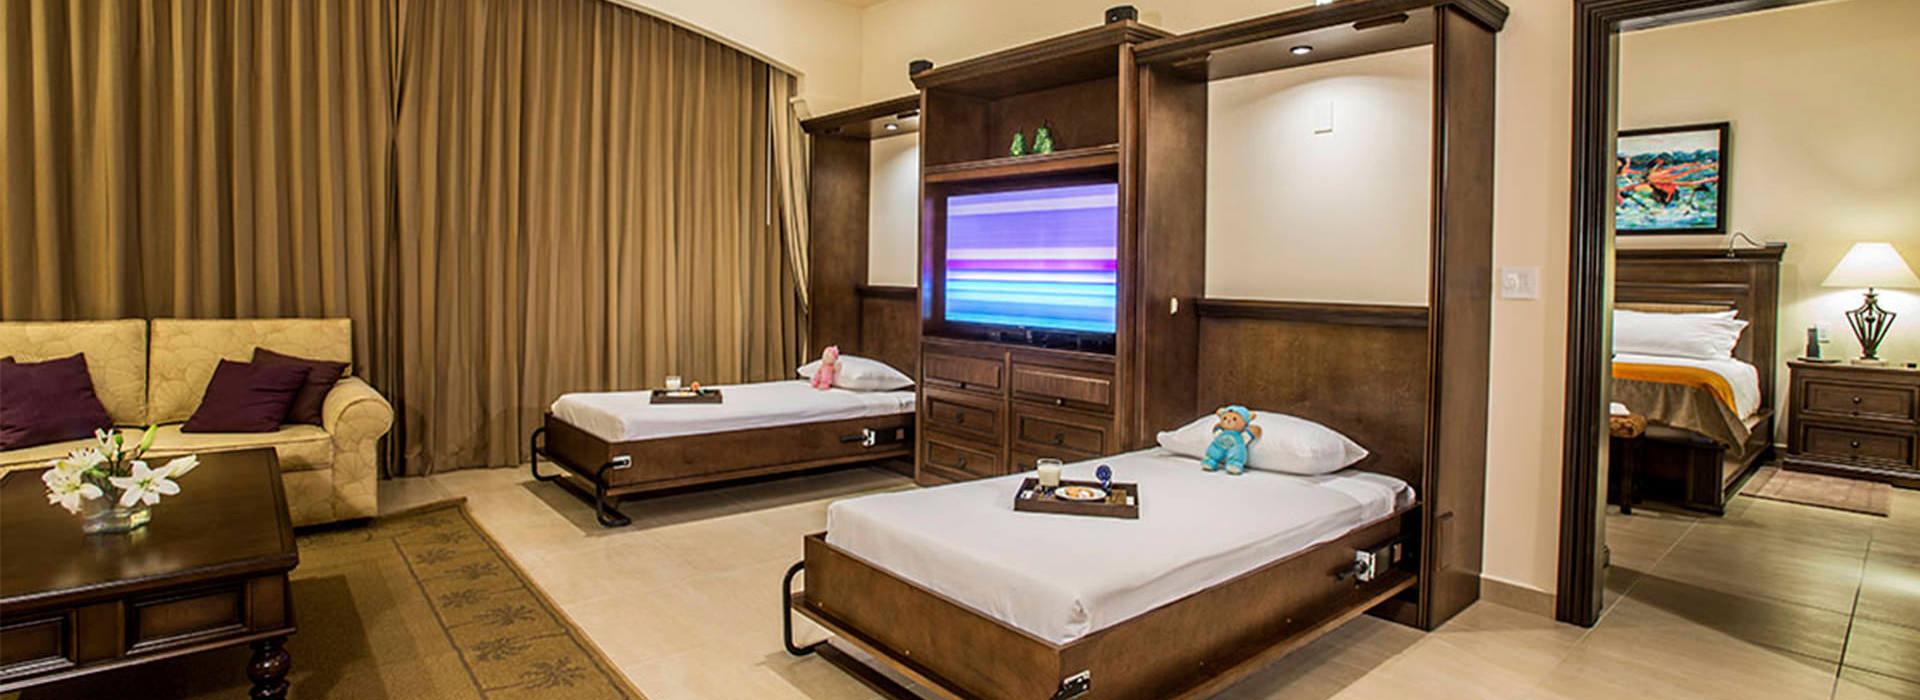 Spacious Living Room In Resort Suite